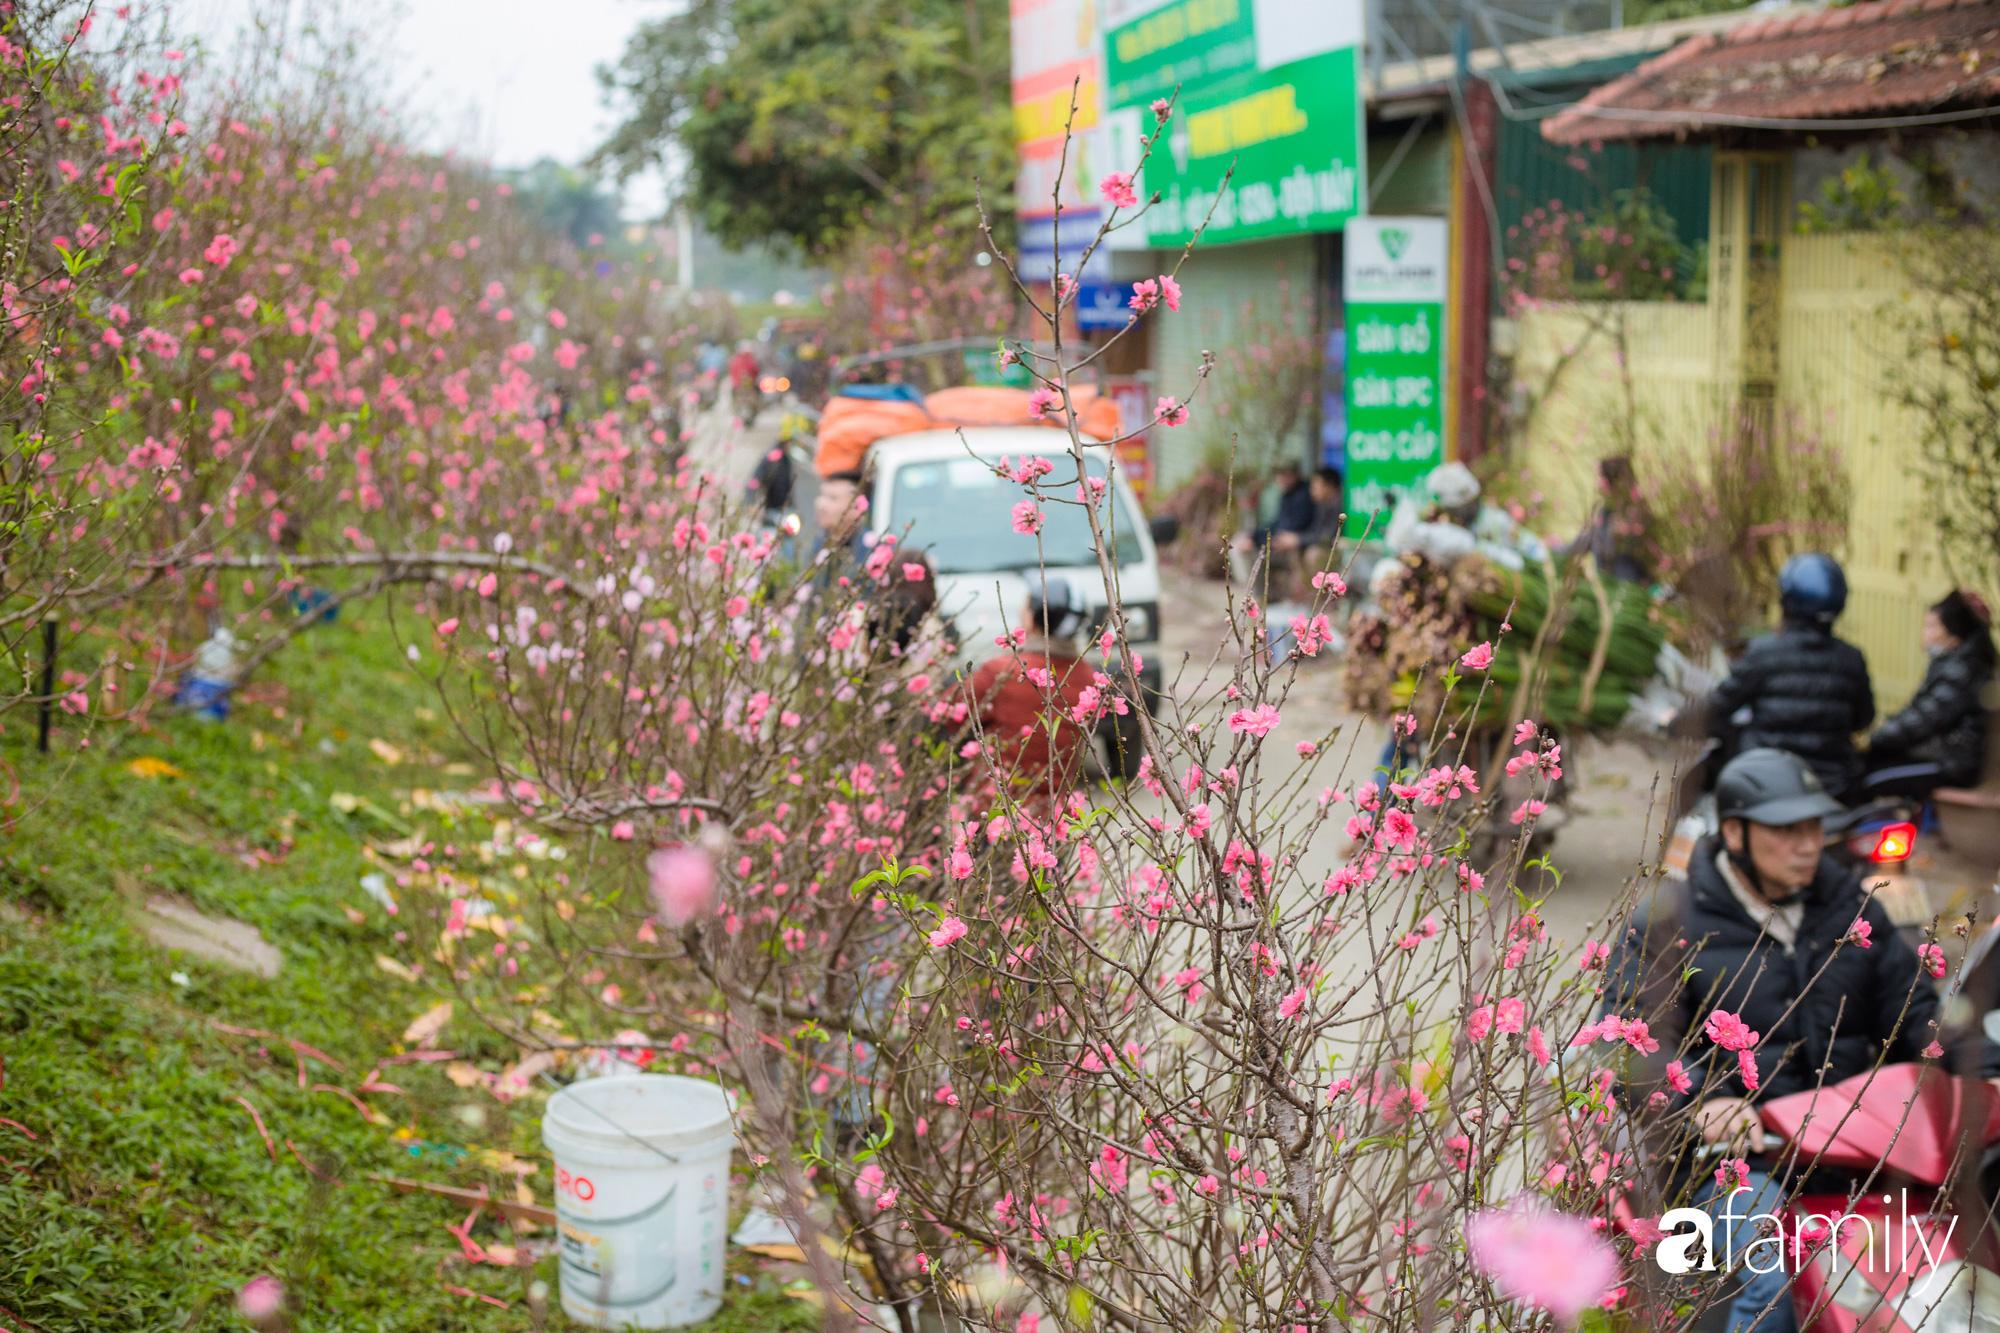 Những khoảnh khắc bình dị ngày cuối năm ở chợ hoa Quảng An, dù lạnh thấu xương nhưng người Hà Nội vẫn nô nức sắm hoa chơi Tết - Ảnh 11.